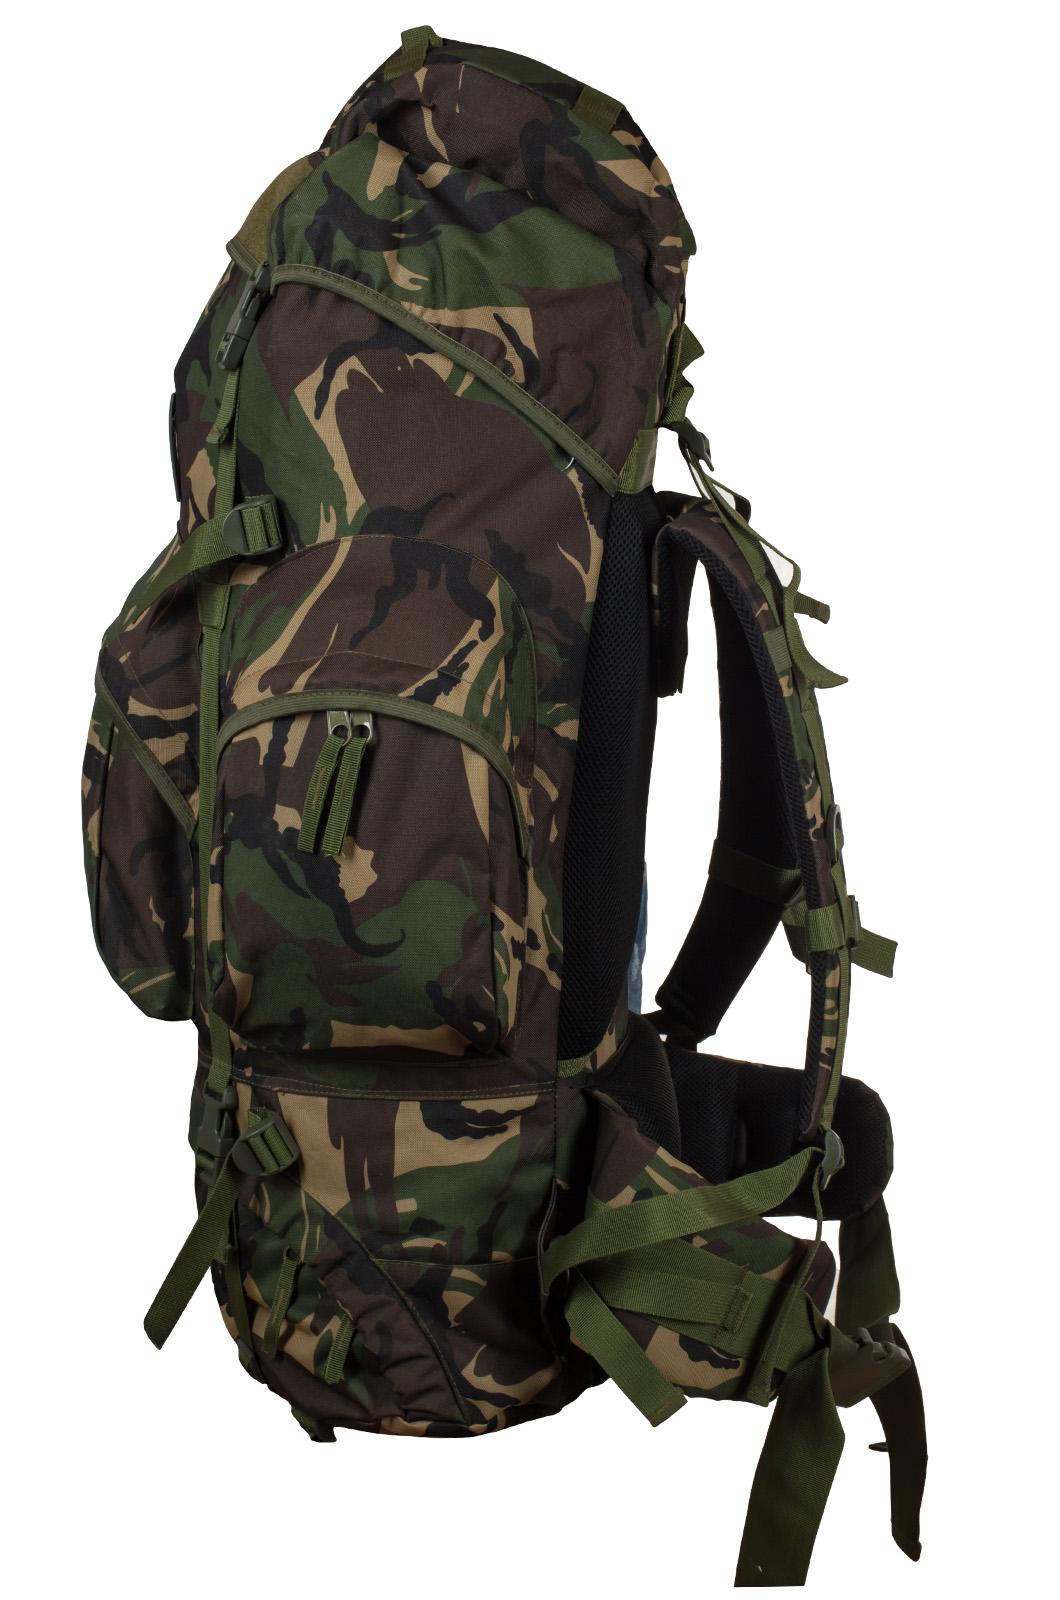 Многодневный туристический рюкзак с нашивкой РХБЗ купить оптом